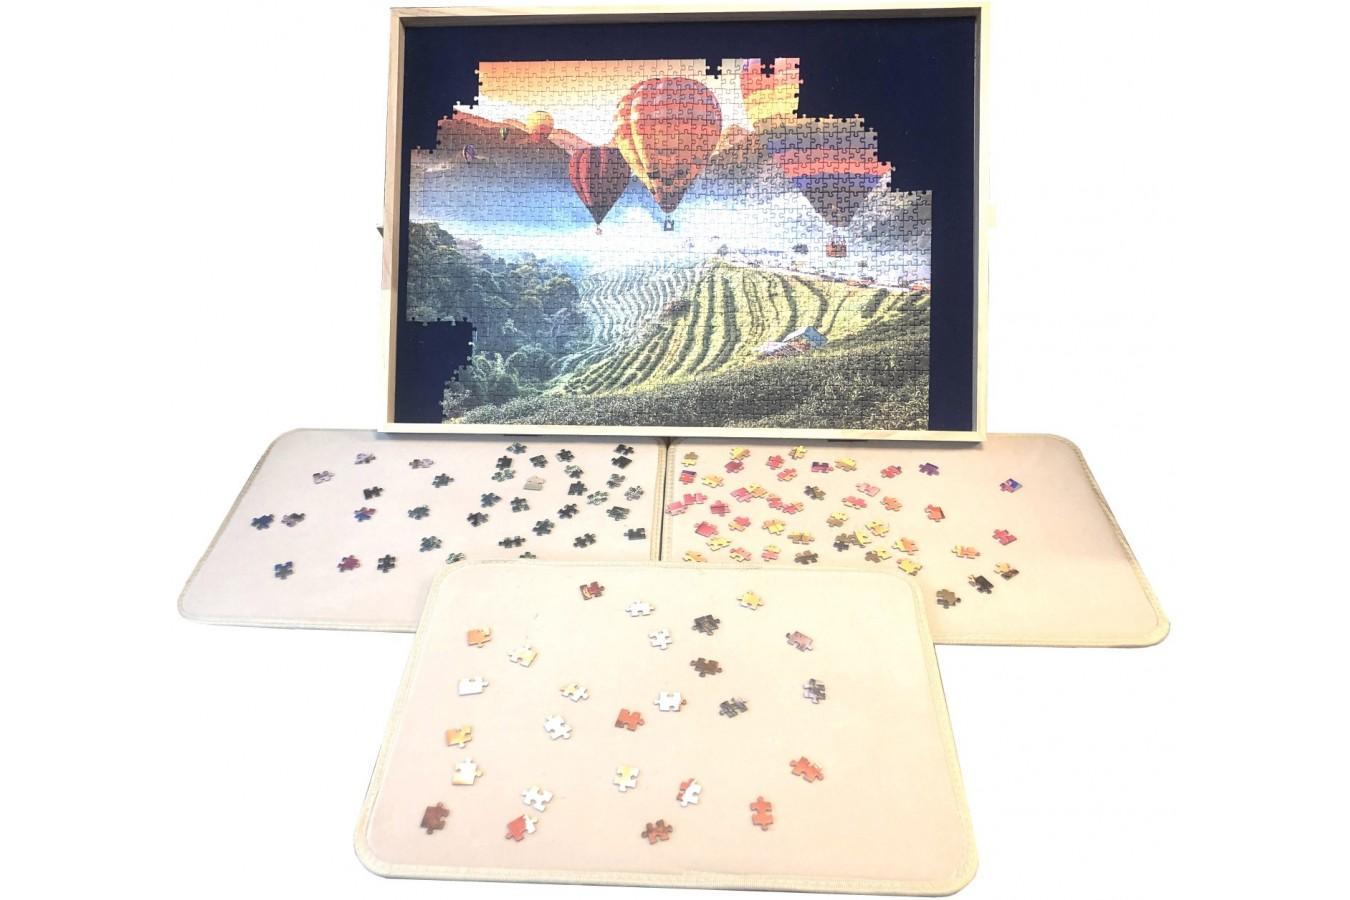 Masa Deluxe pentru puzzle de 1500 de piese, cu 3 tavi pentru sortare imagine